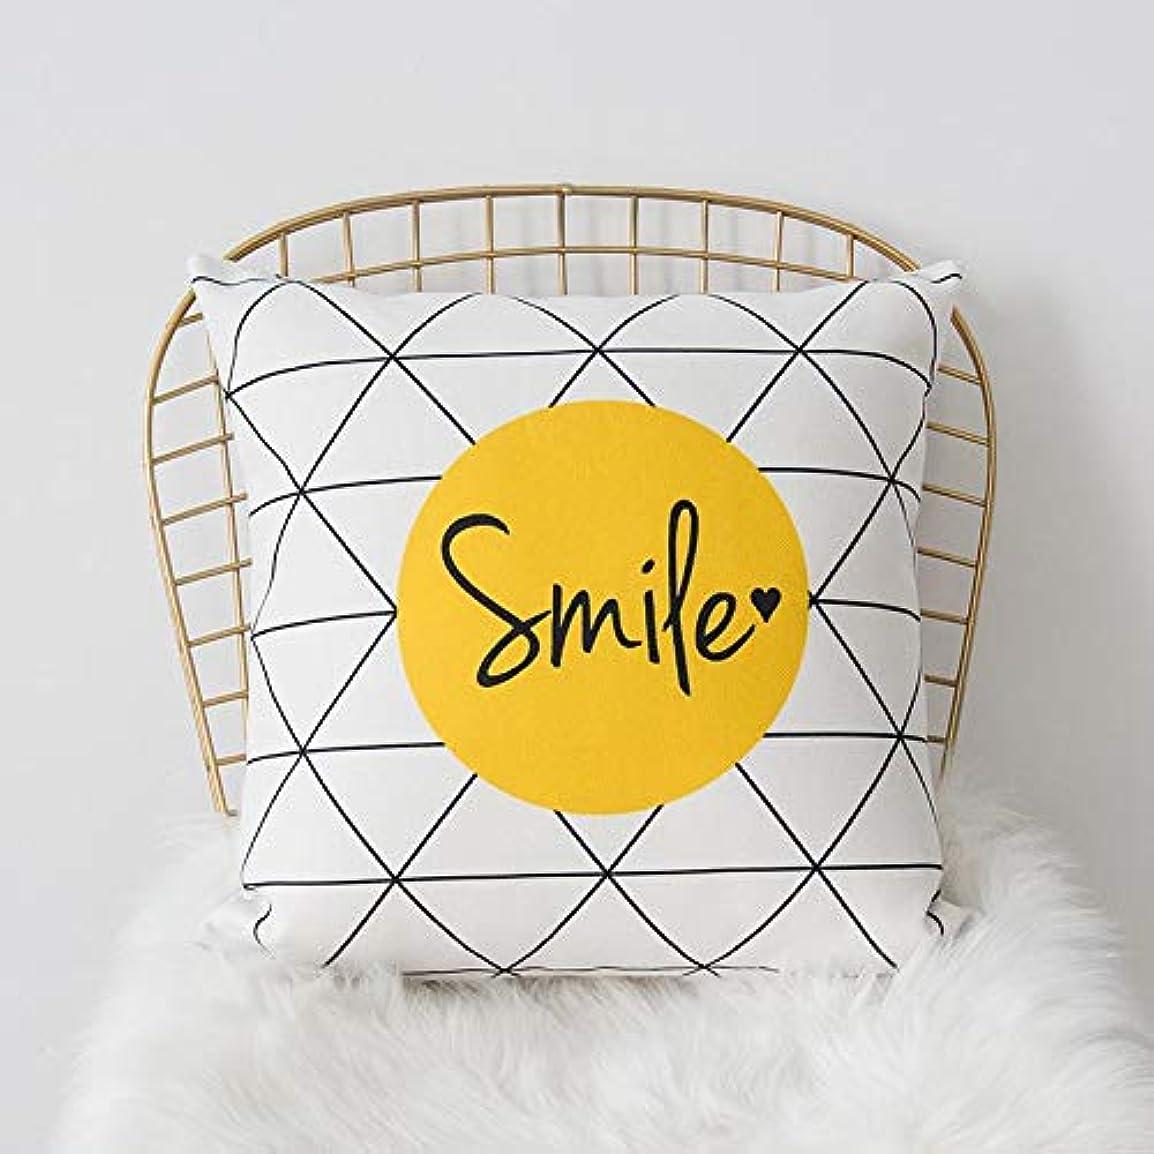 センチメンタルチューリップメタルラインLIFE 黄色グレー枕北欧スタイル黄色ヘラジカ幾何枕リビングルームのインテリアソファクッション Cojines 装飾良質 クッション 椅子